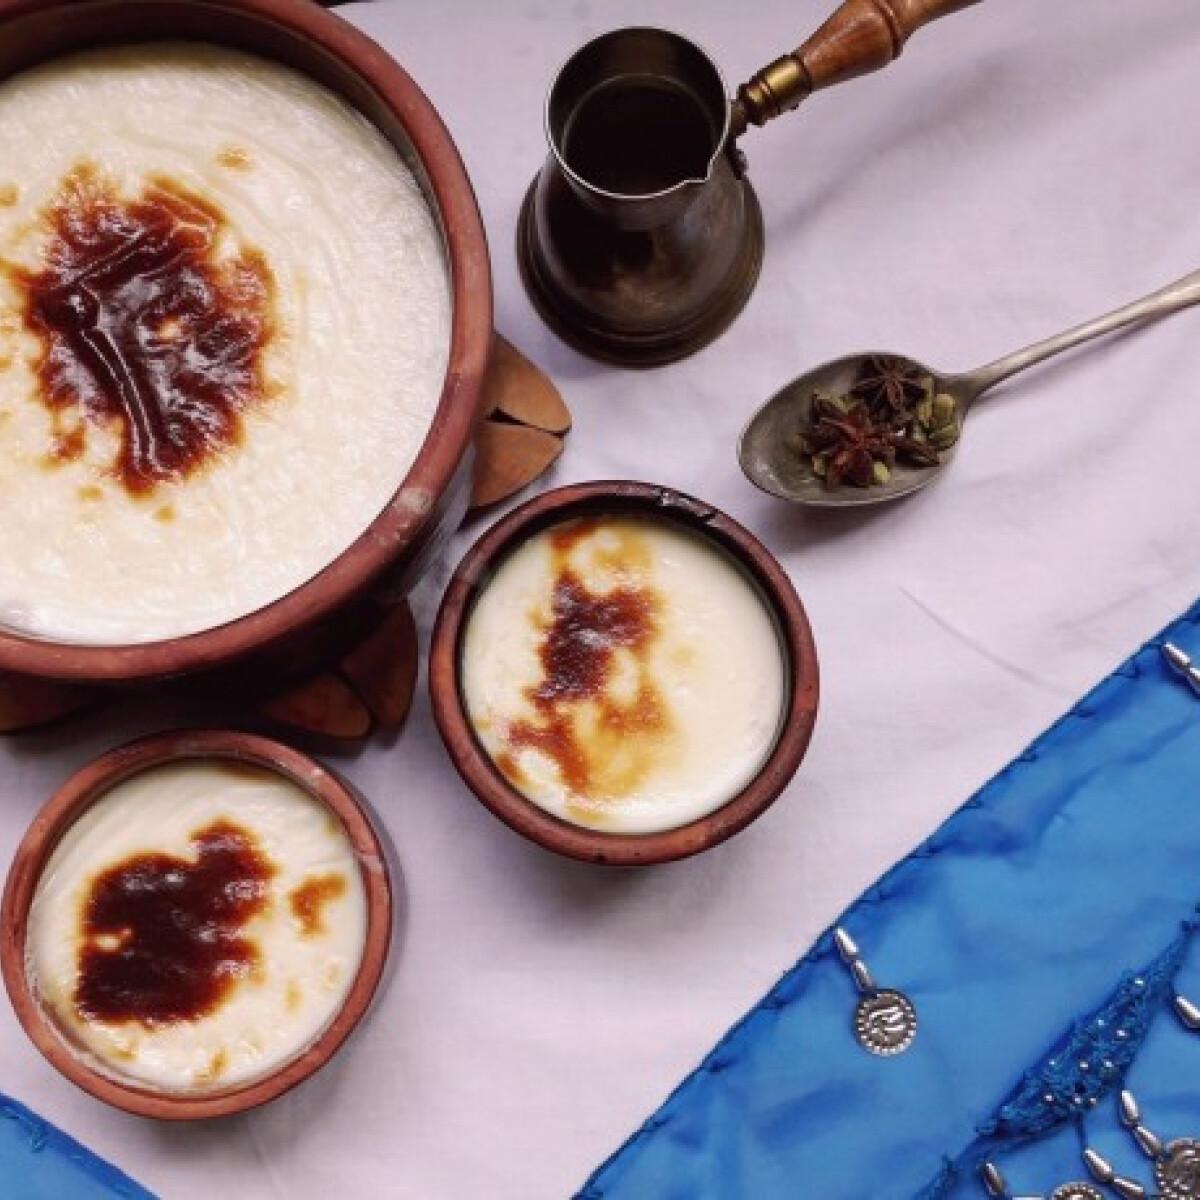 Sütőben sült egyiptomi tejberizs - roz bel laban